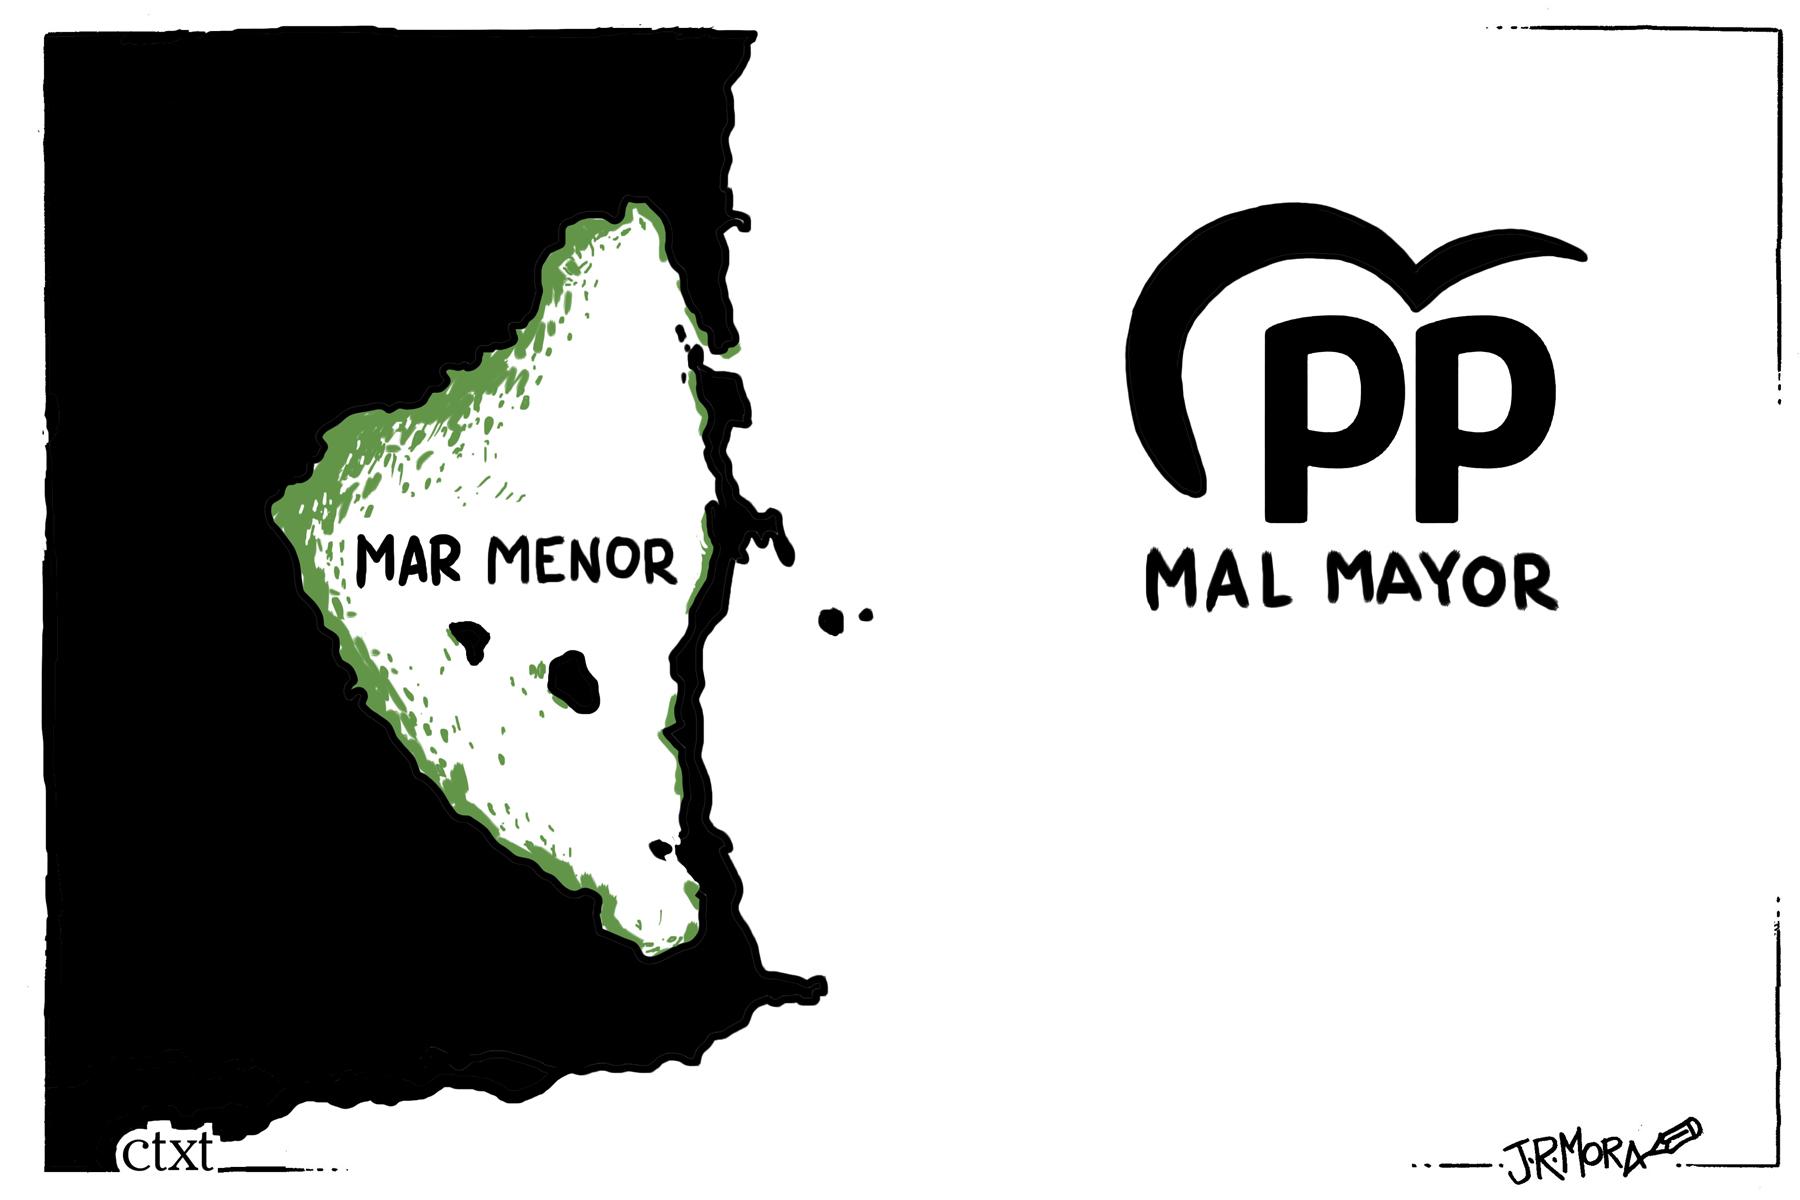 <p>Mar menor.</p>